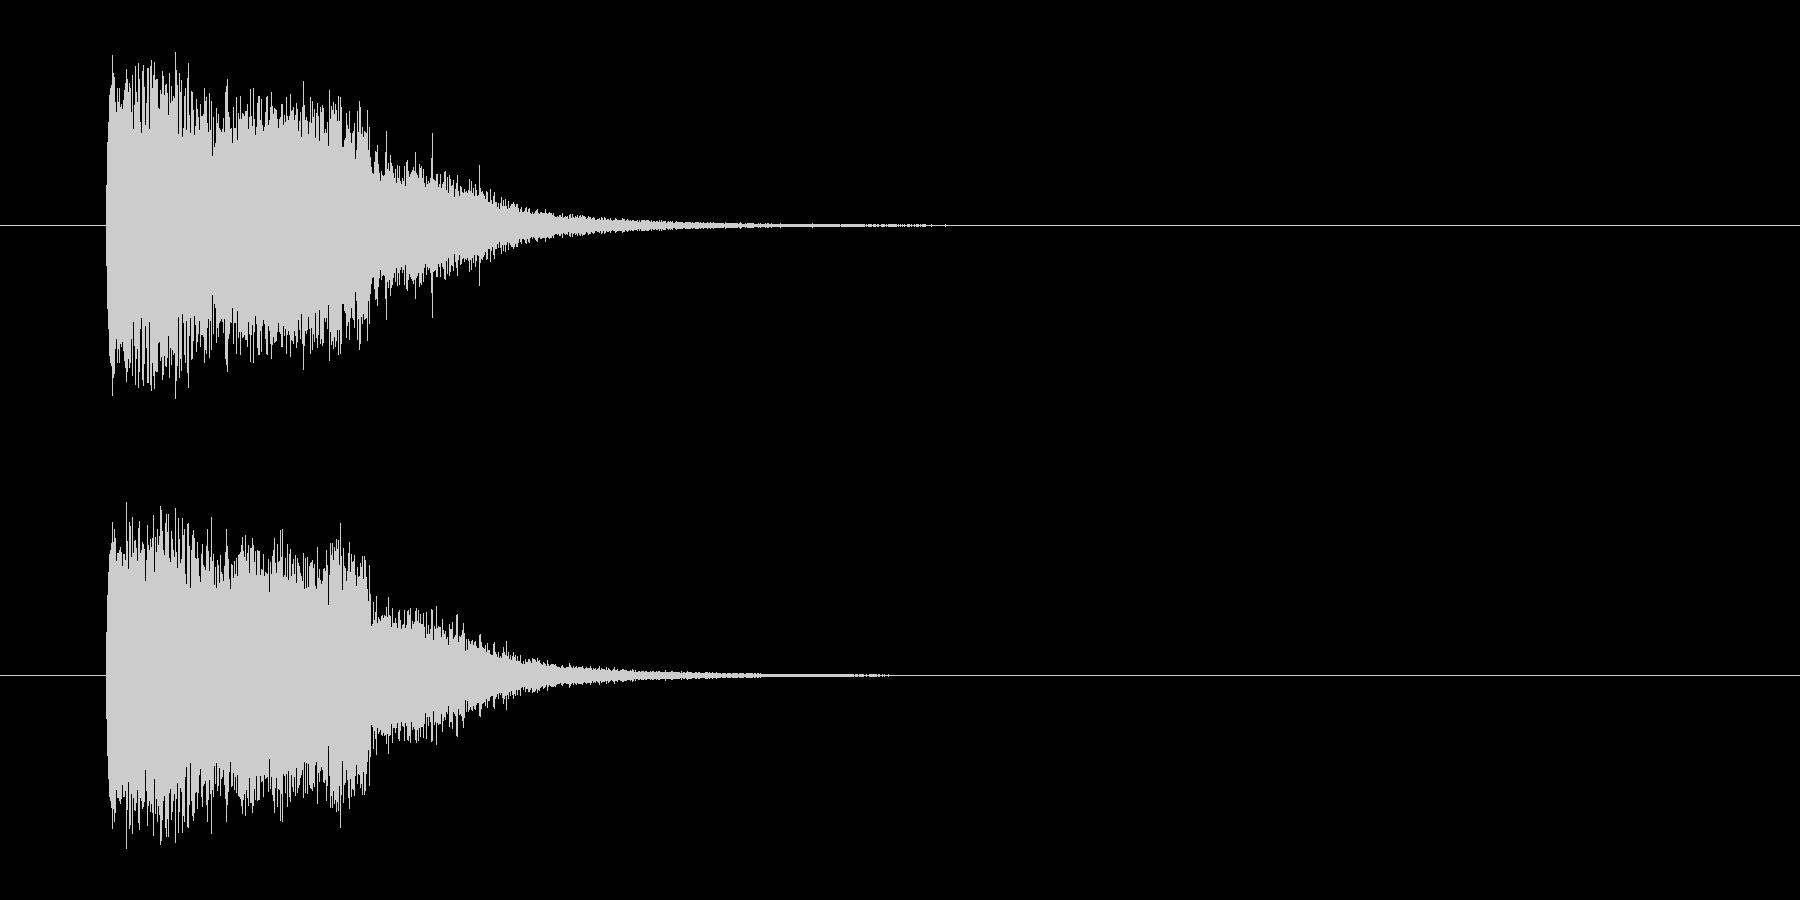 バトルアニメ風効果音_02の未再生の波形